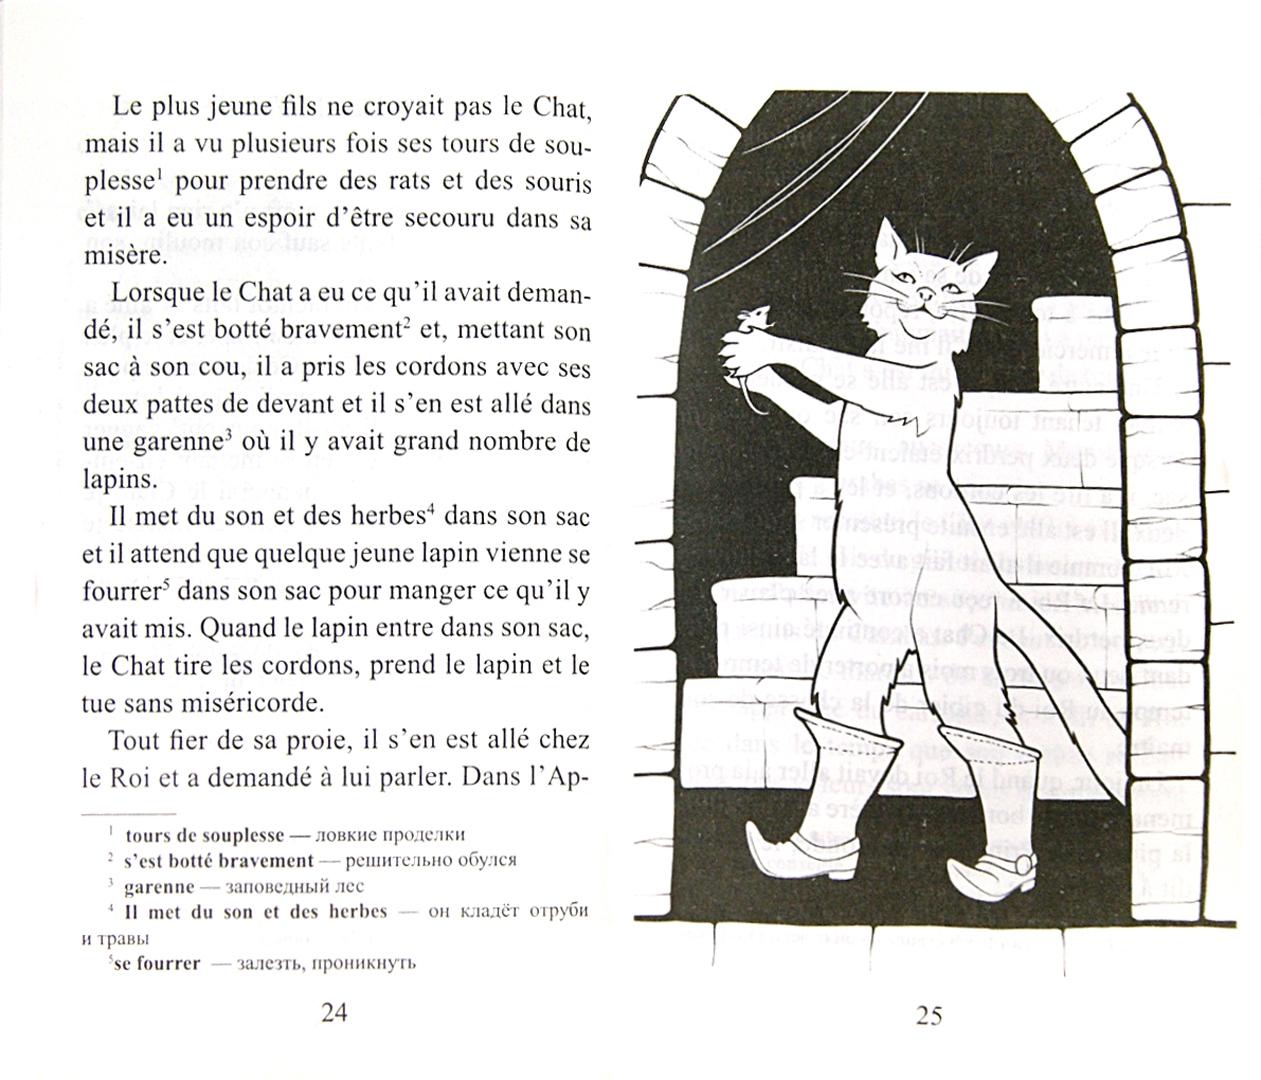 Иллюстрация 1 из 4 для Французские сказки = Contes de fees francais - Шарль Перро | Лабиринт - книги. Источник: Лабиринт